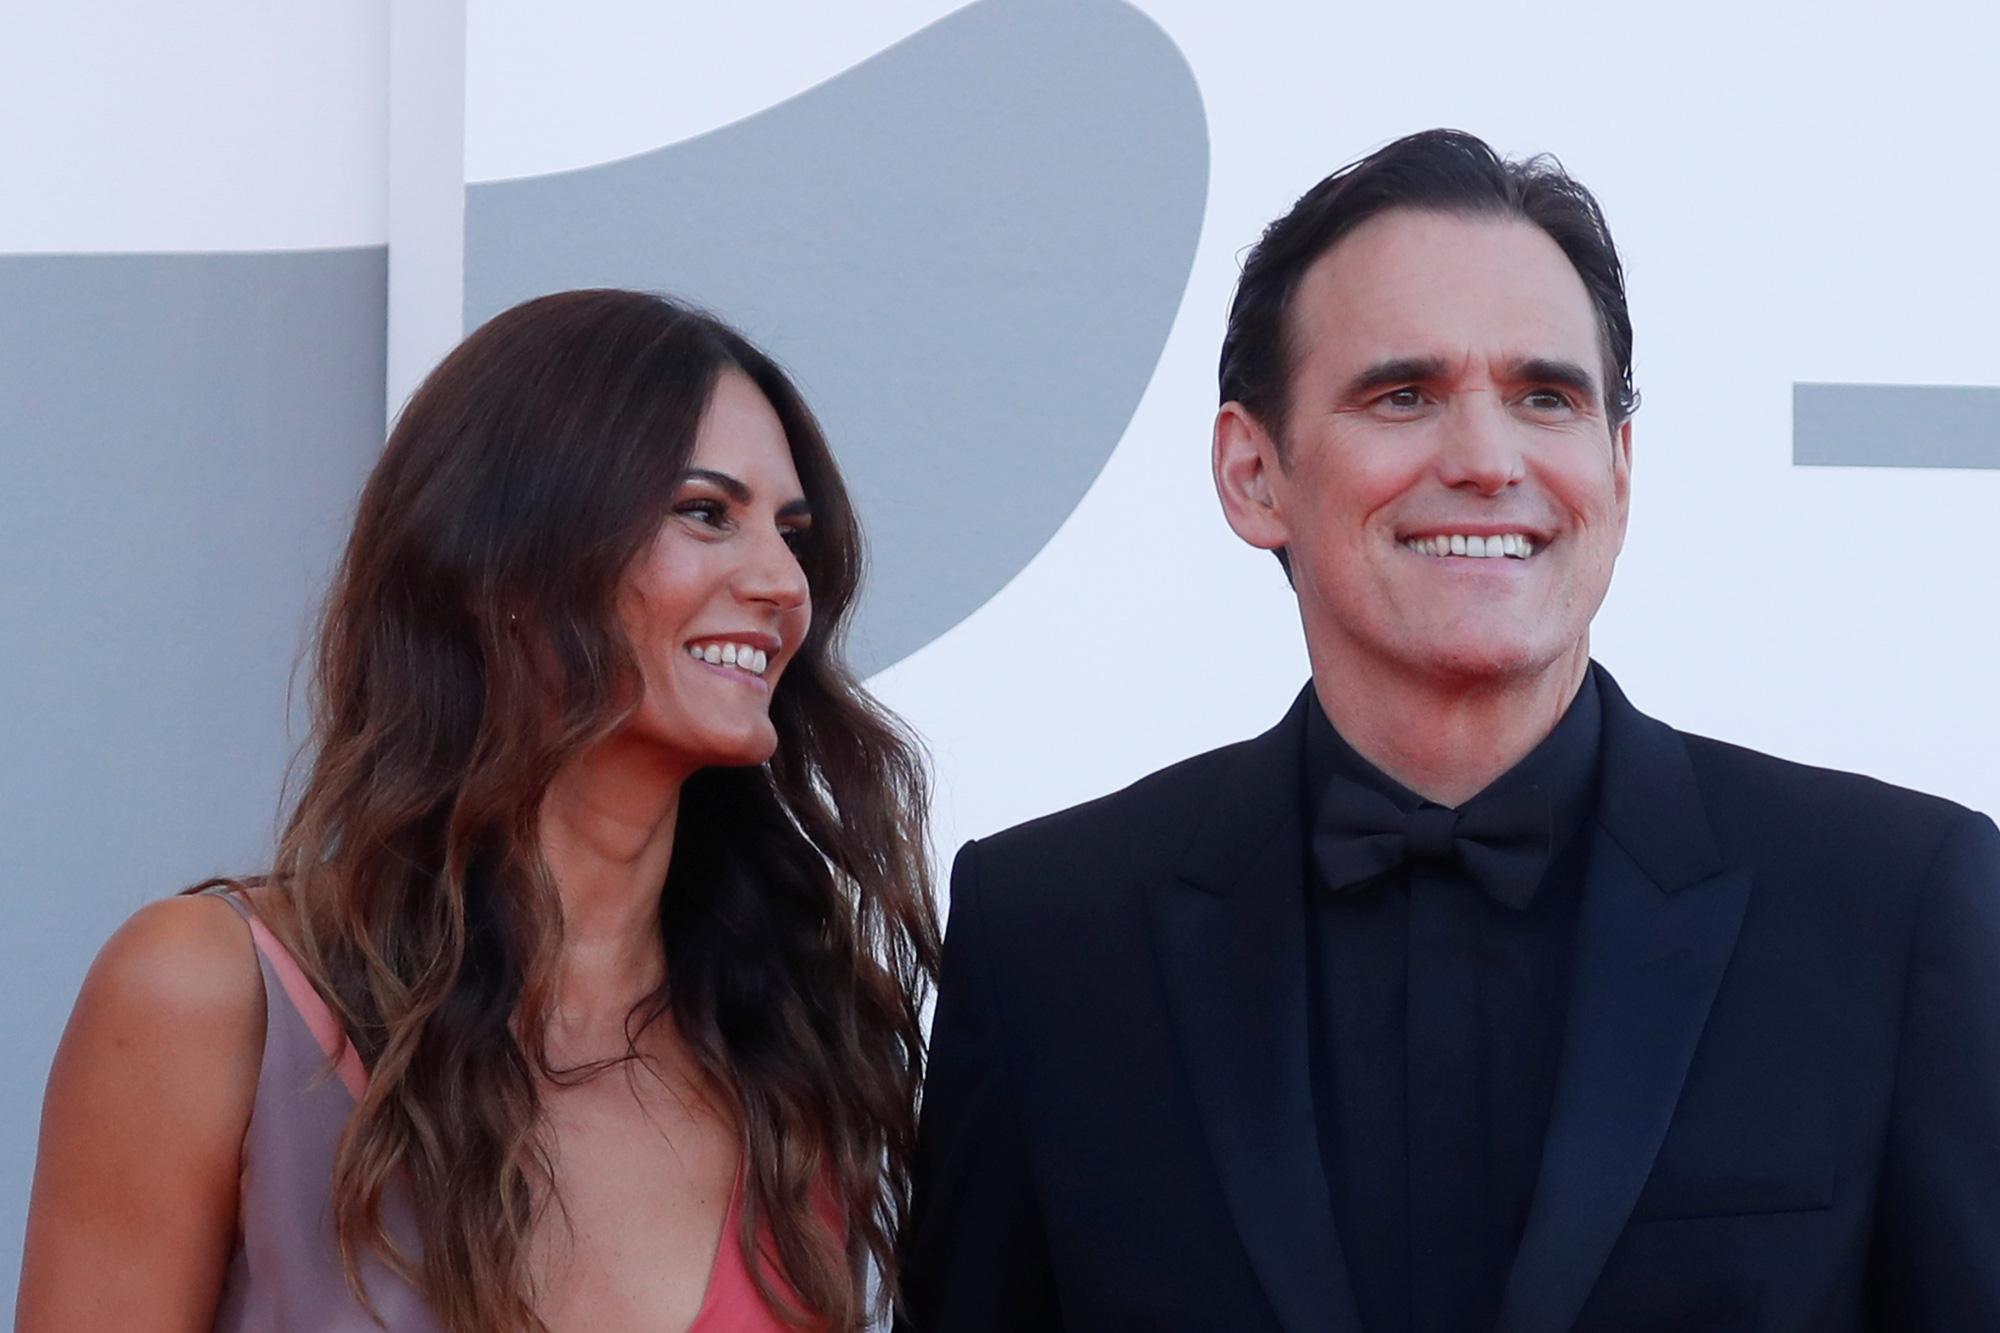 """Sao phim """"Avatar"""" trao nụ hôn trên thảm đỏ Liên hoan phim Venice - Ảnh 6."""